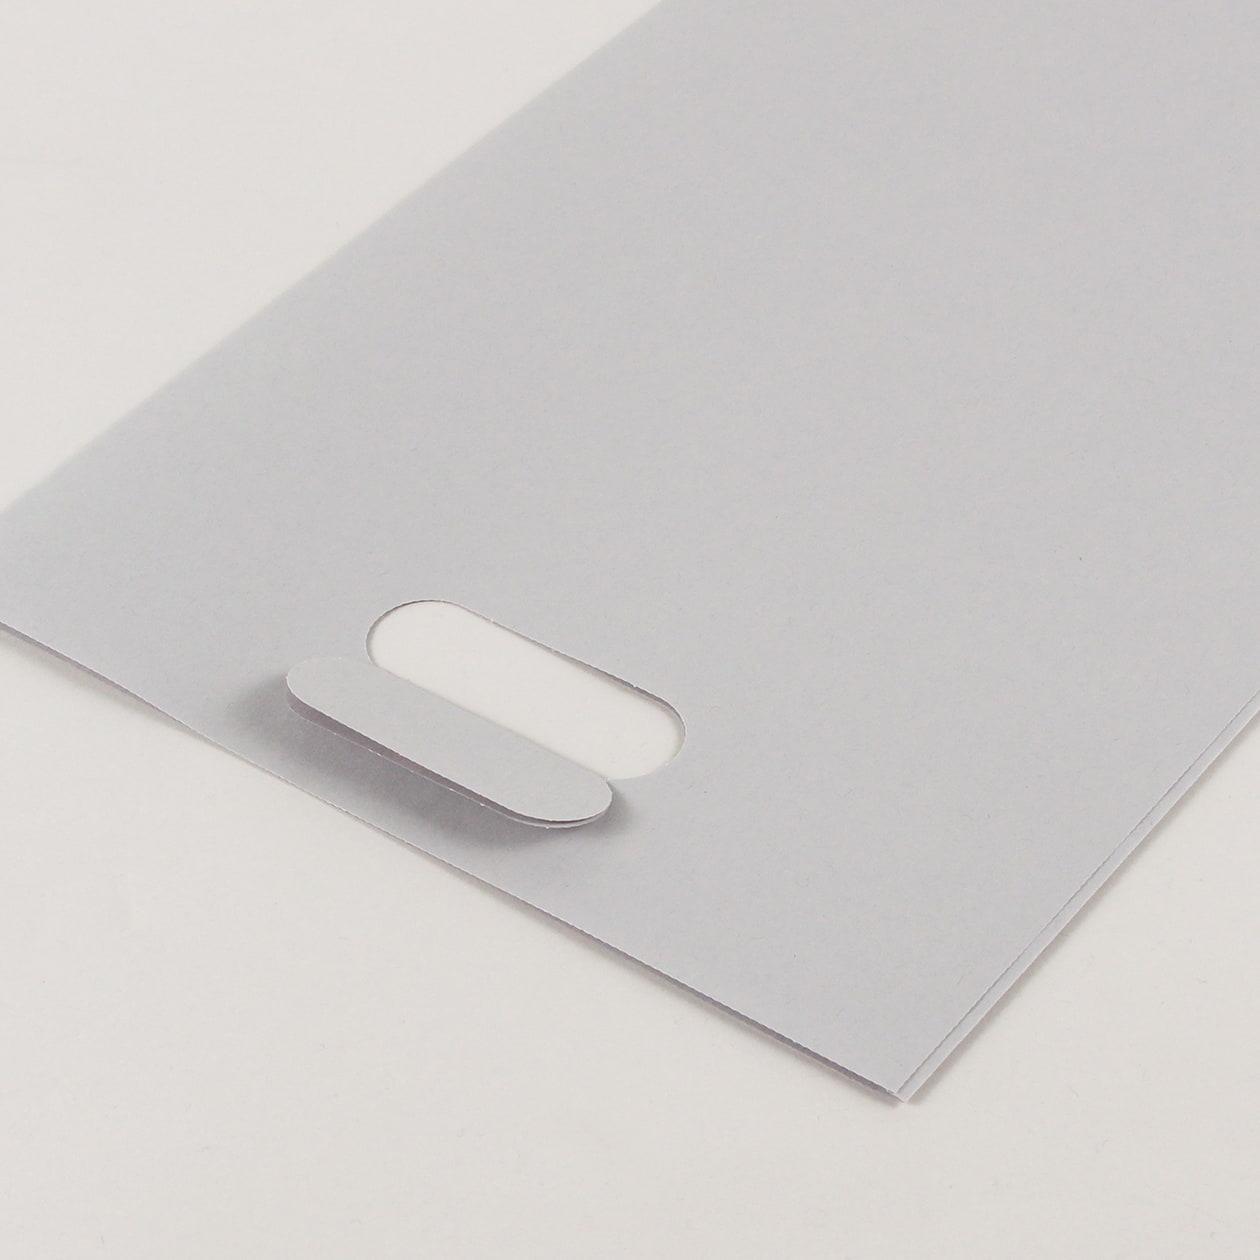 平袋A4用持ち手付 HAGURUMA Basic ライナーグレイ 100g